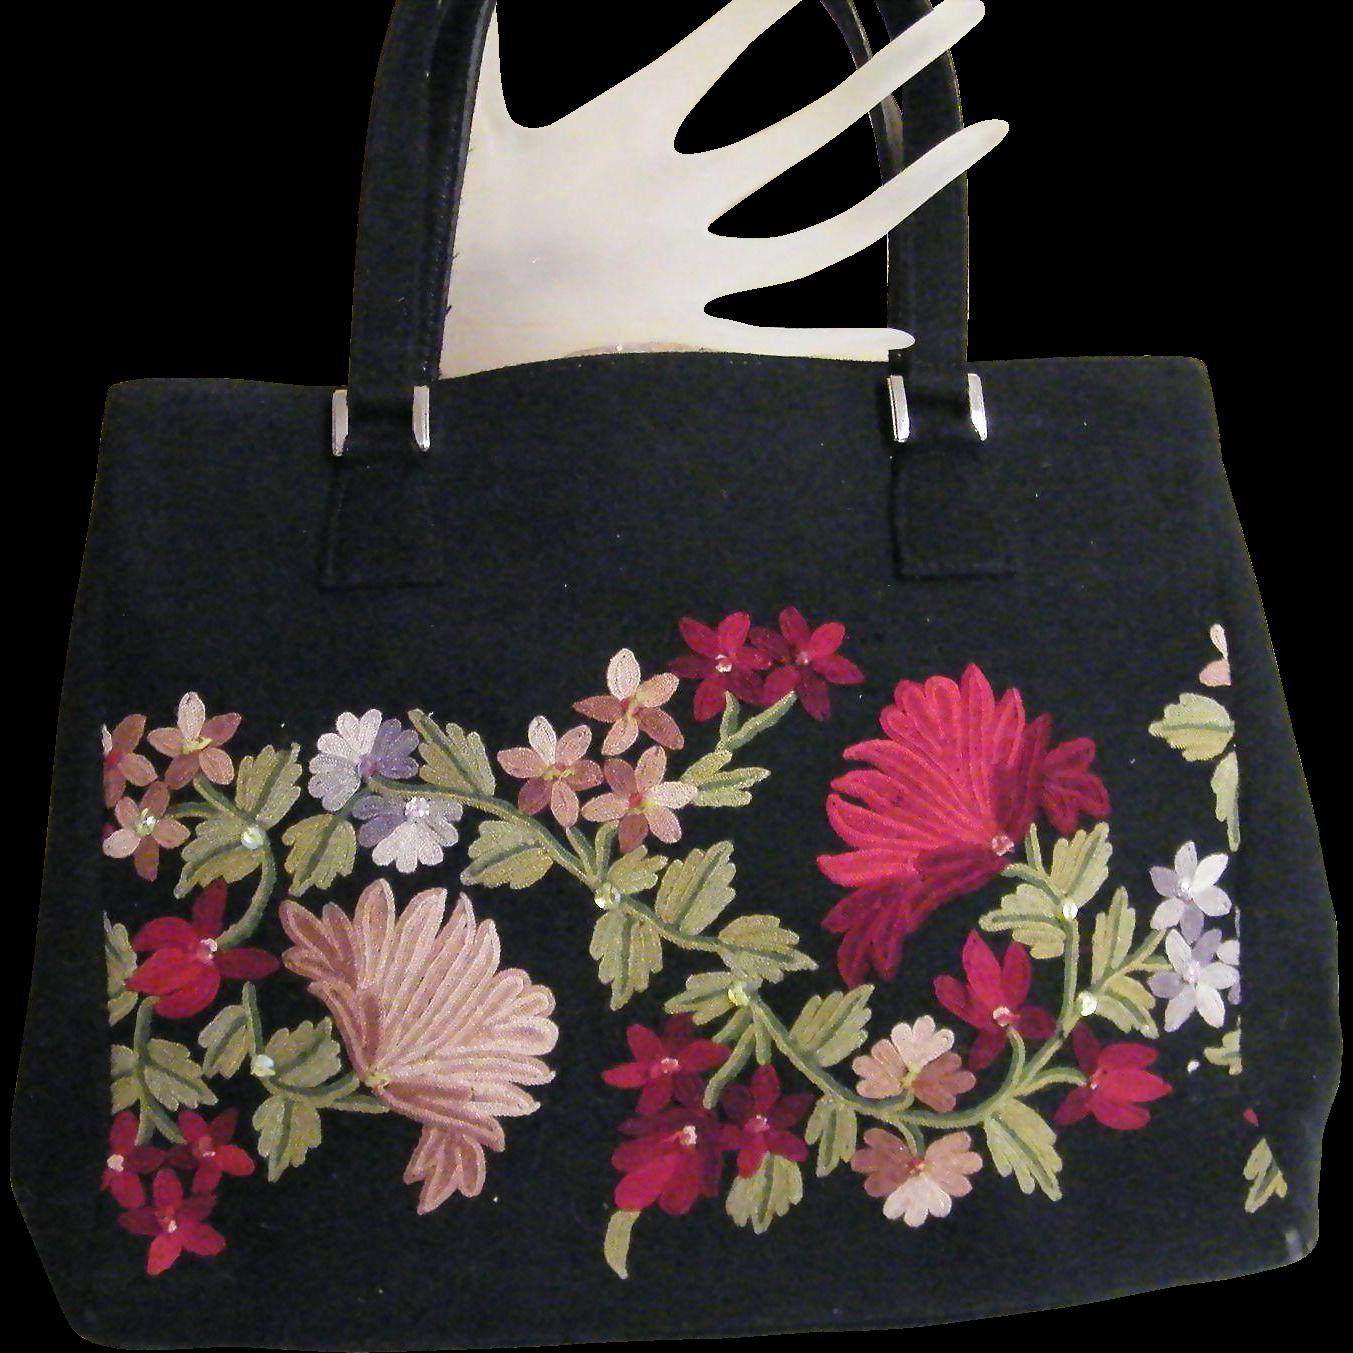 Striking ISABELLA FIORE Crewel Embroidered Wool Handbag Light Dusty & Dark on Black Ground